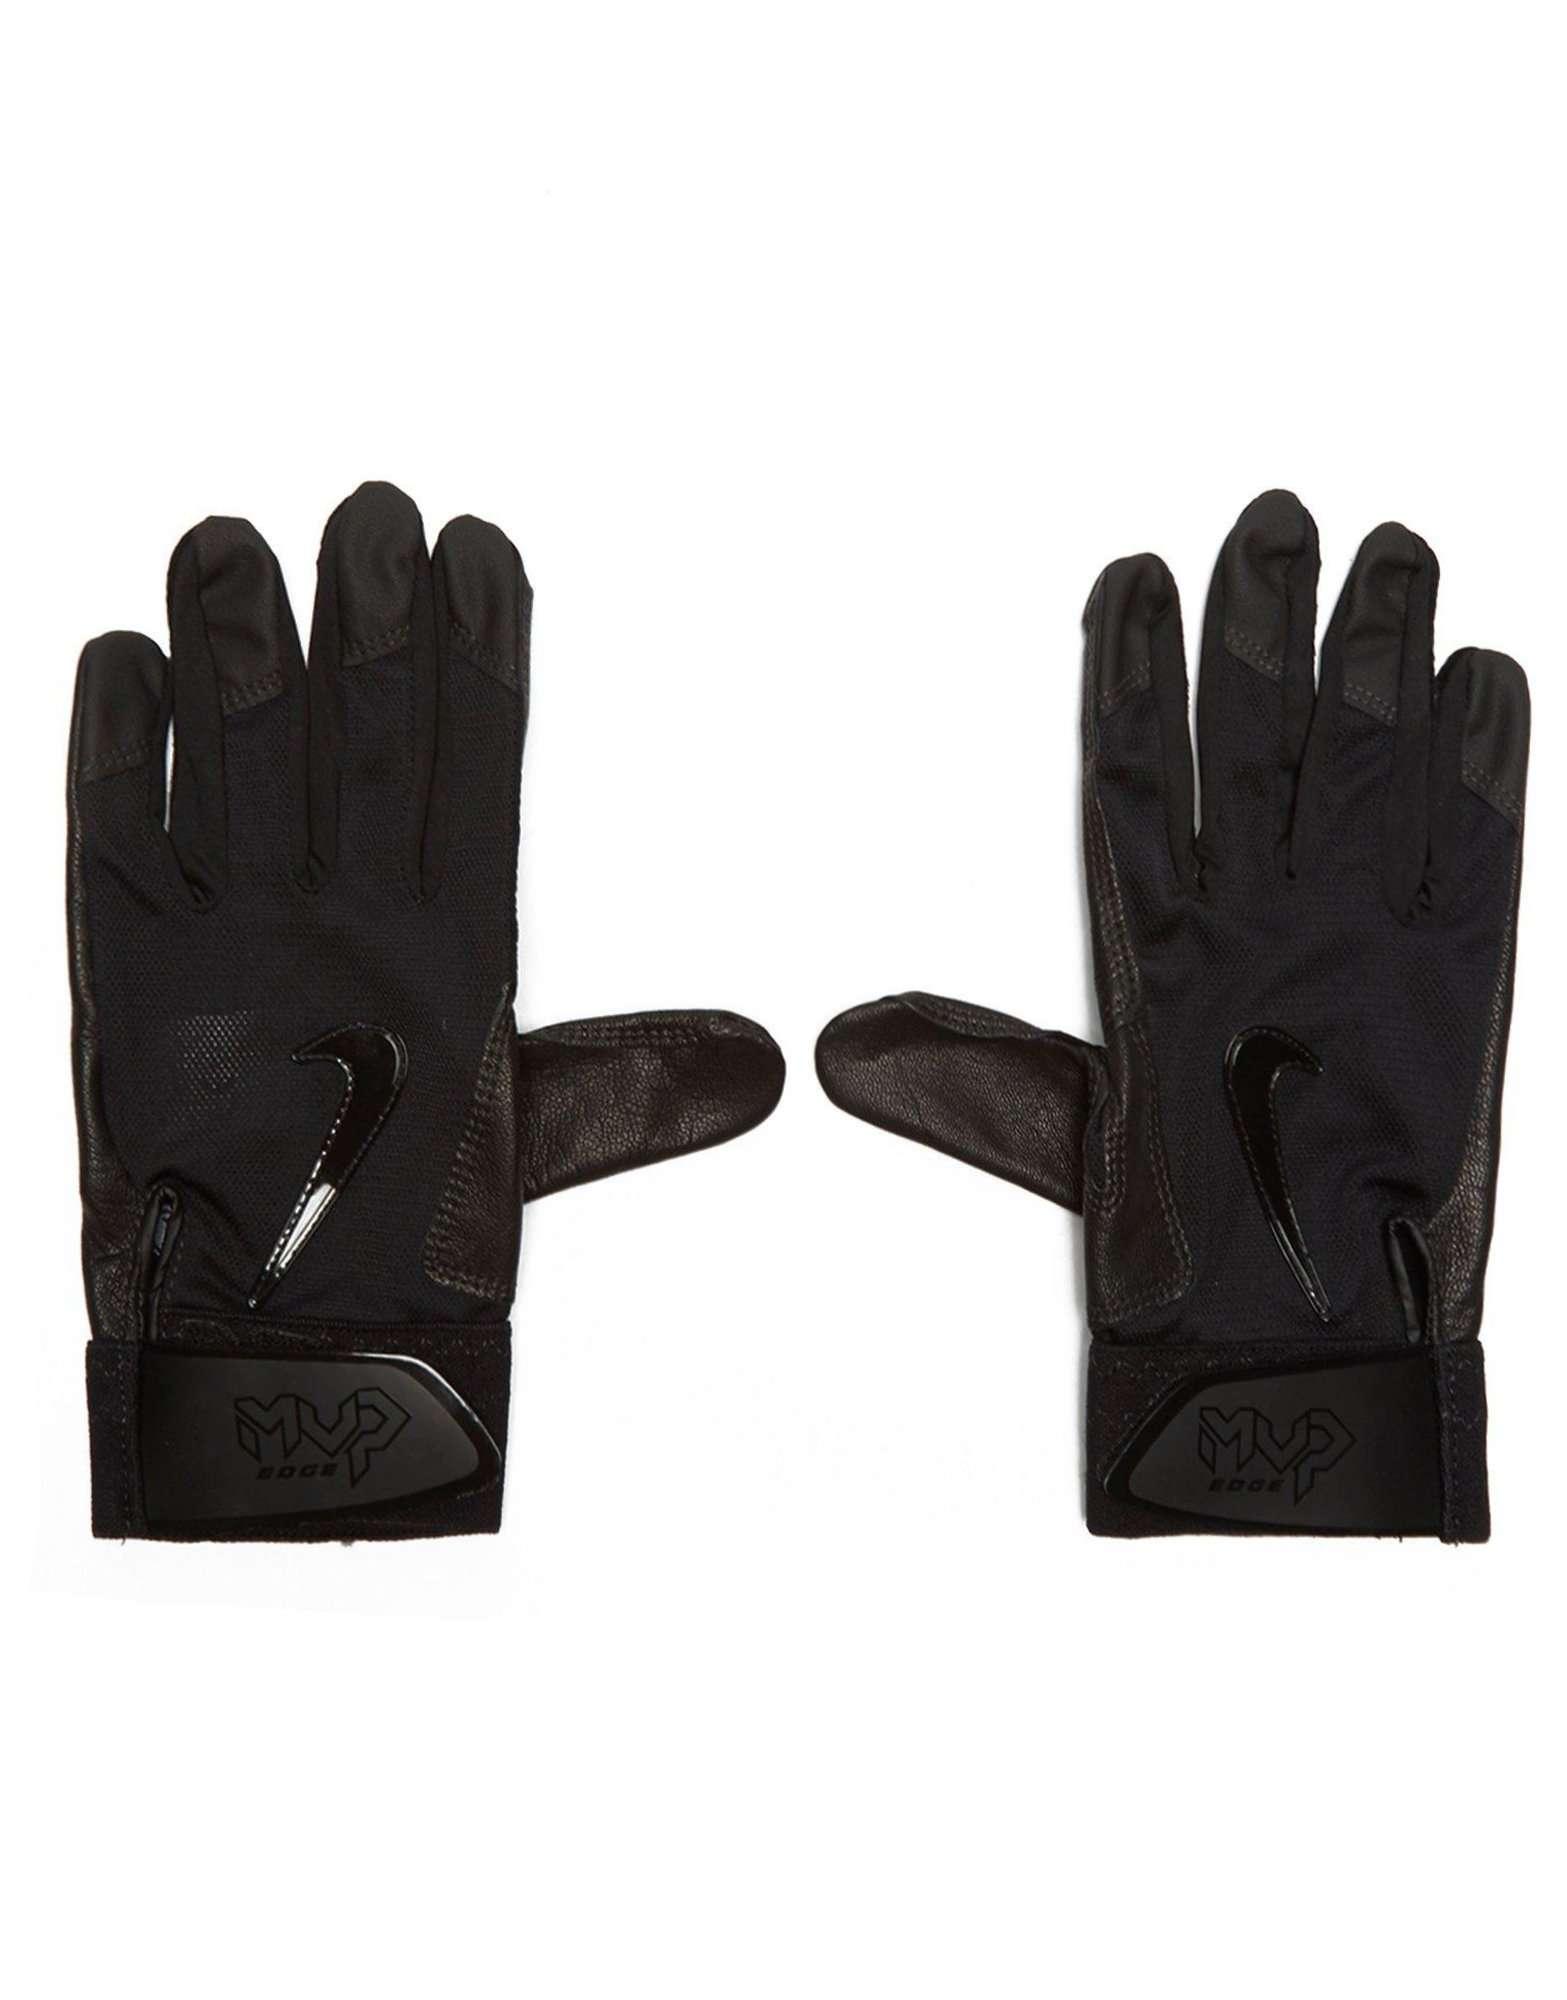 Black leather batting gloves - Black Leather Batting Gloves 15